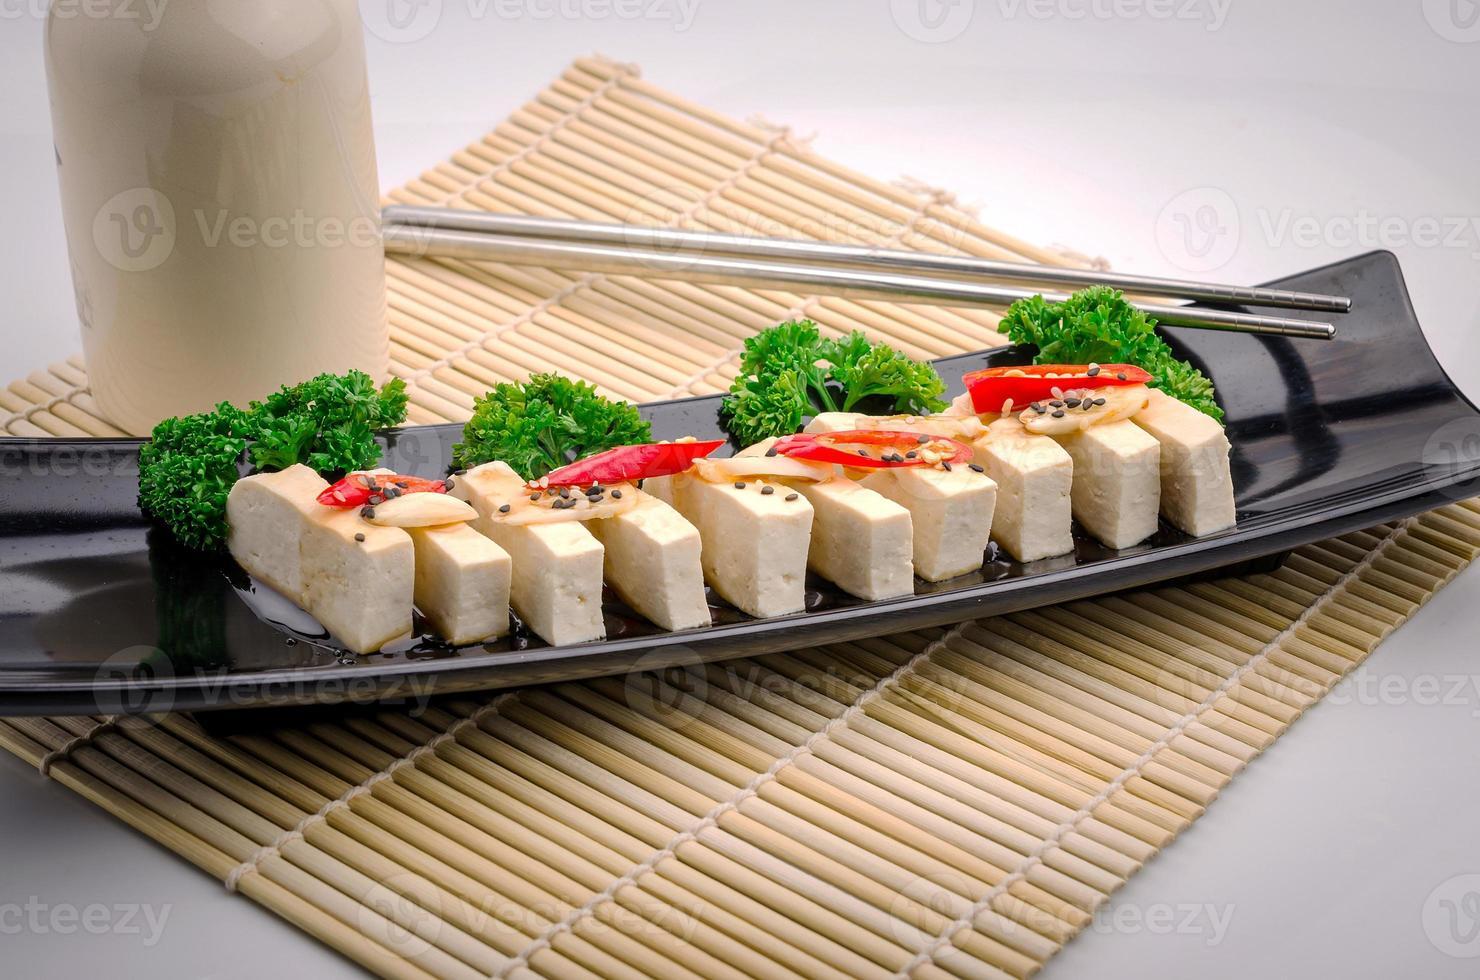 zijden tofu met gochujang en sesamolie foto